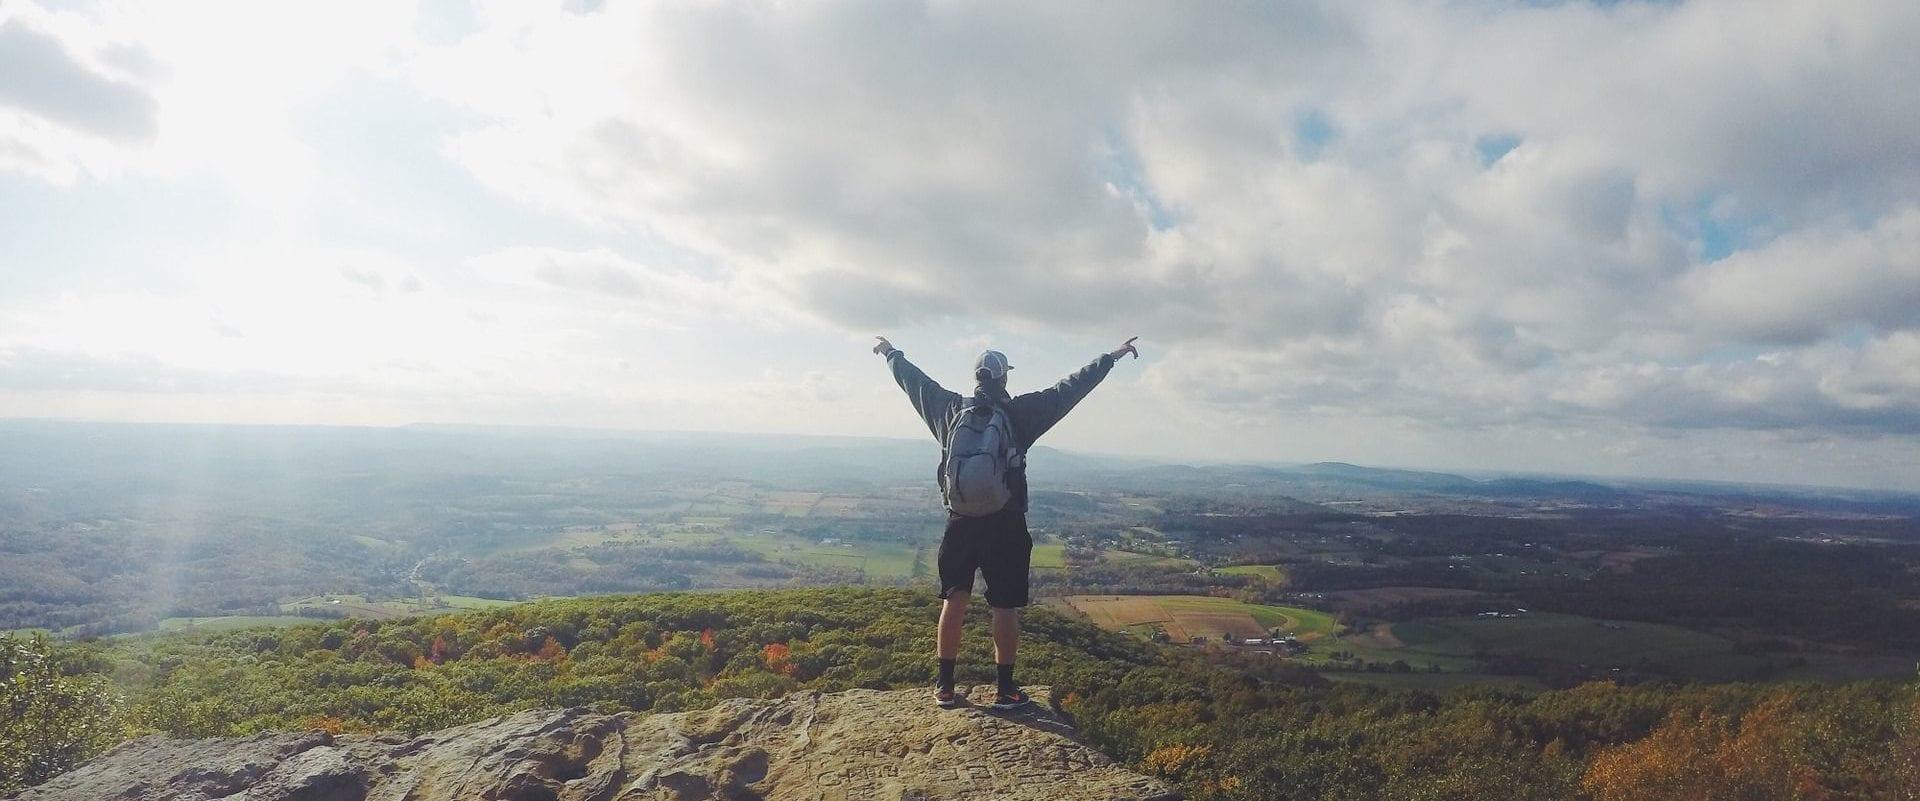 sensation du Wanderlust - Tourisme durable et écoresponsable